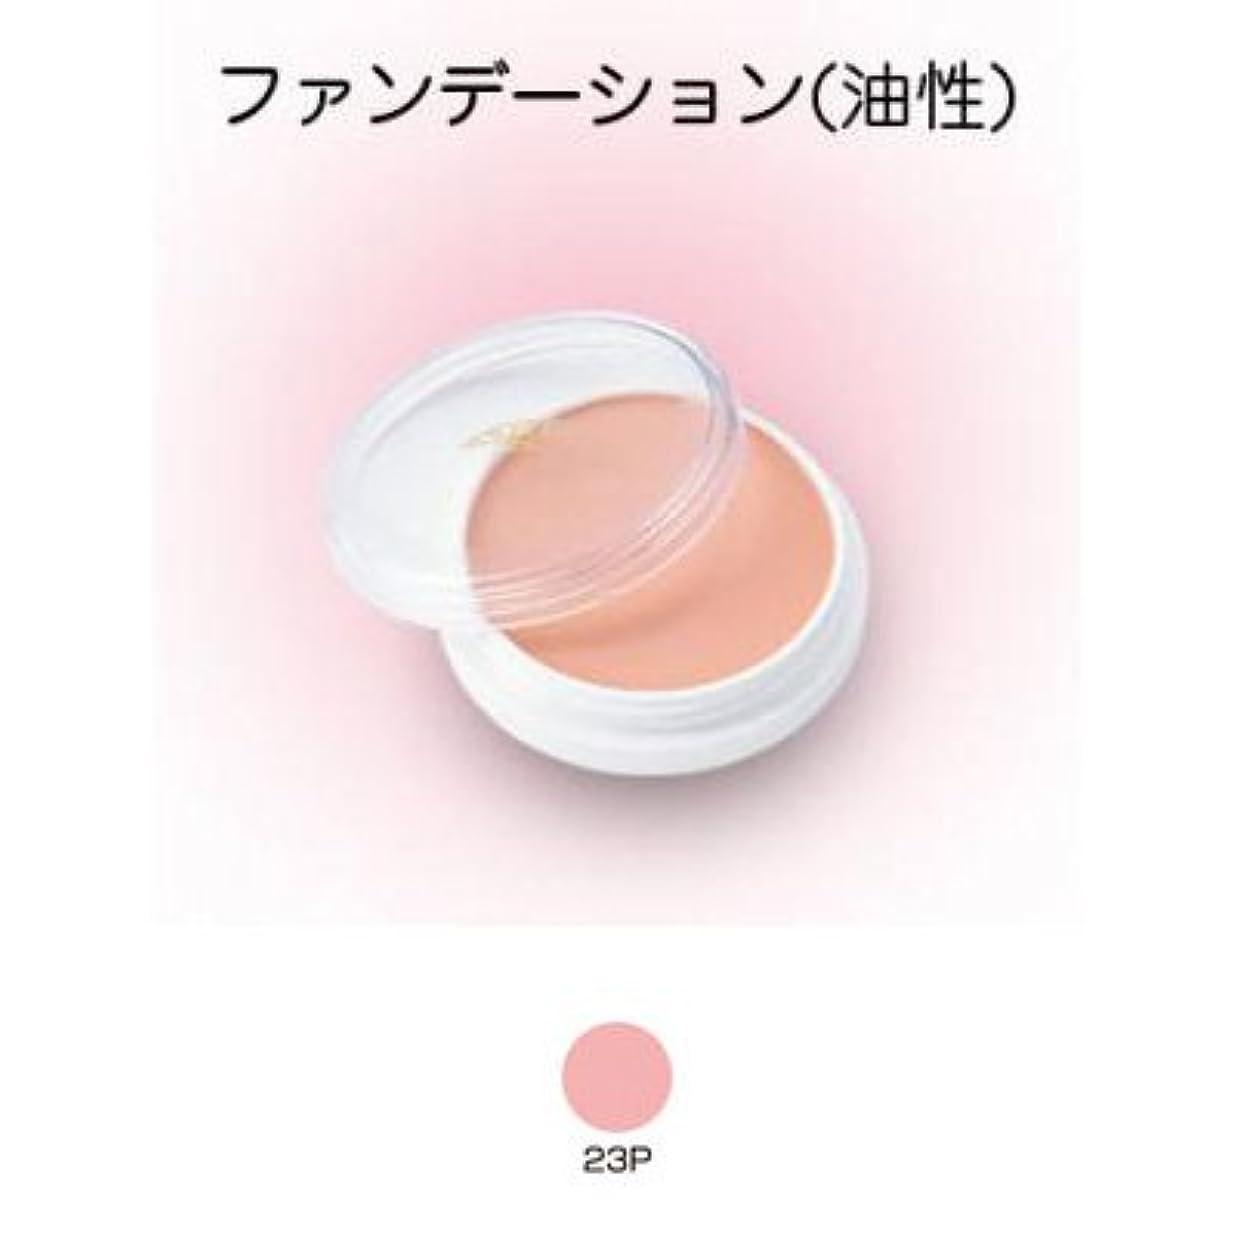 ブレイズ曲褐色グリースペイント 8g 23P 【三善】ドーラン